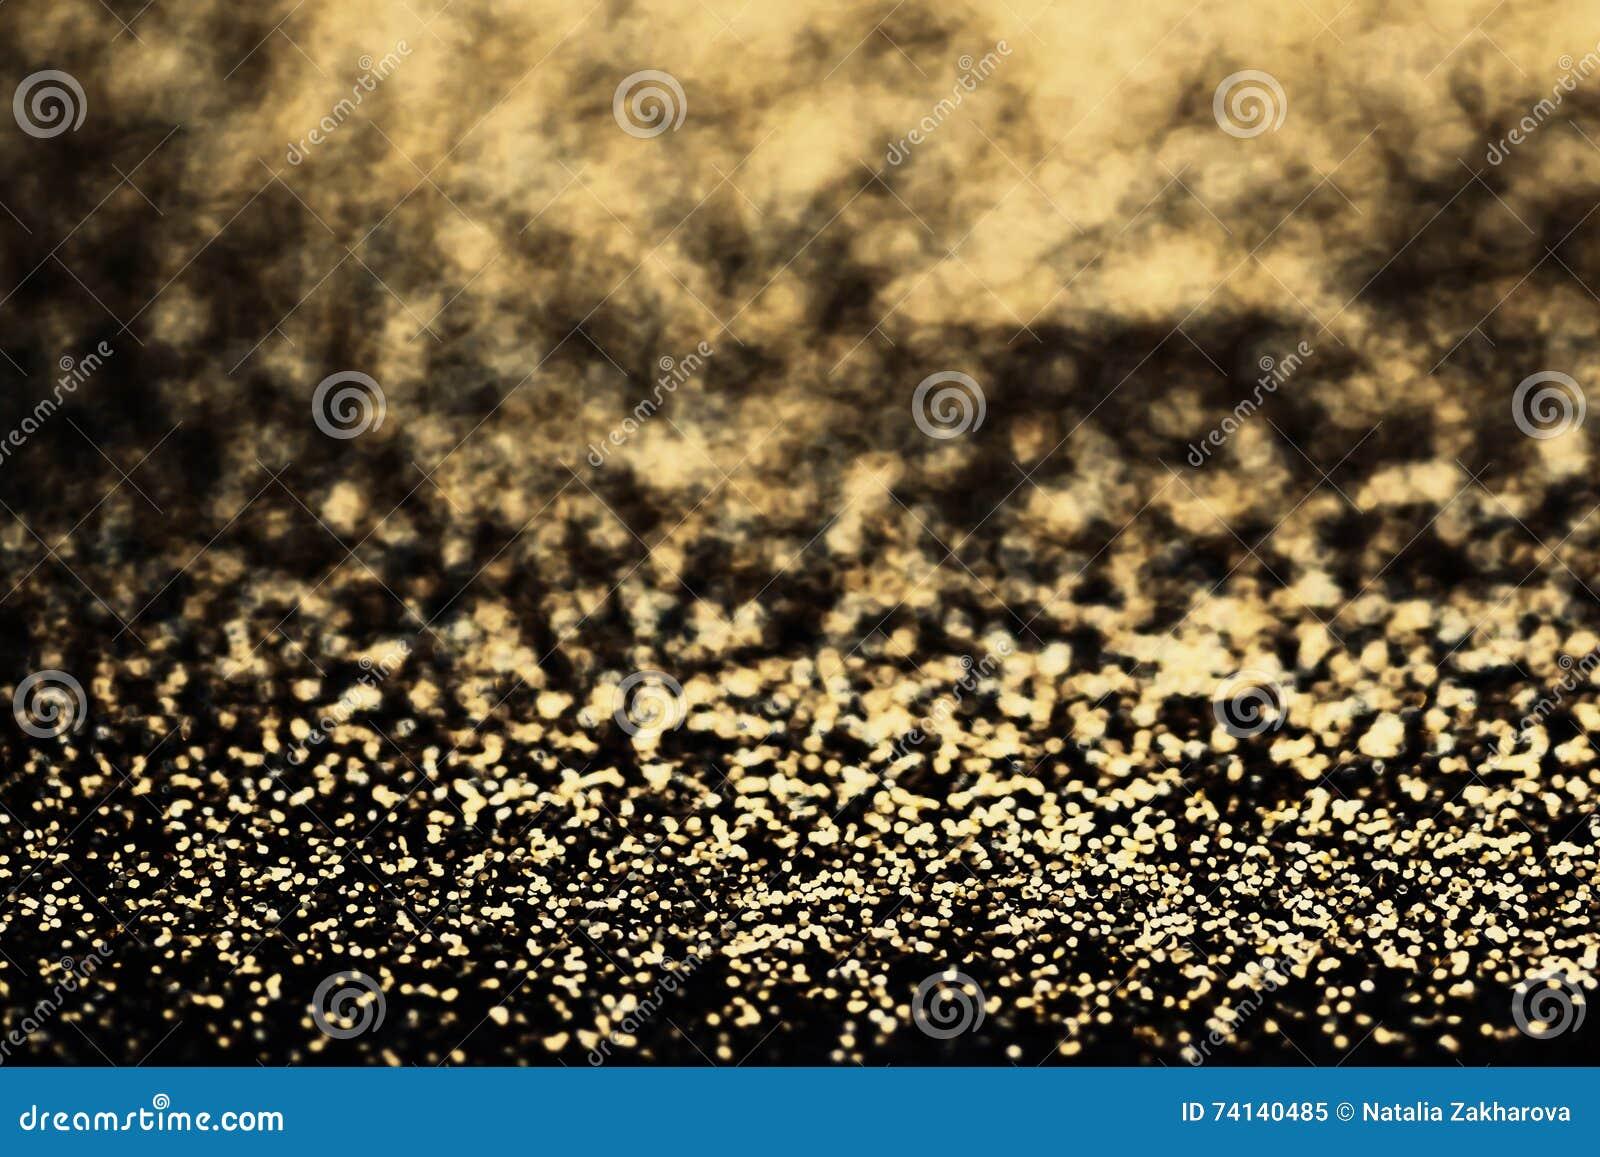 Dark Gold Glitter Wallpaper Bronze Christmas Glittering Backg